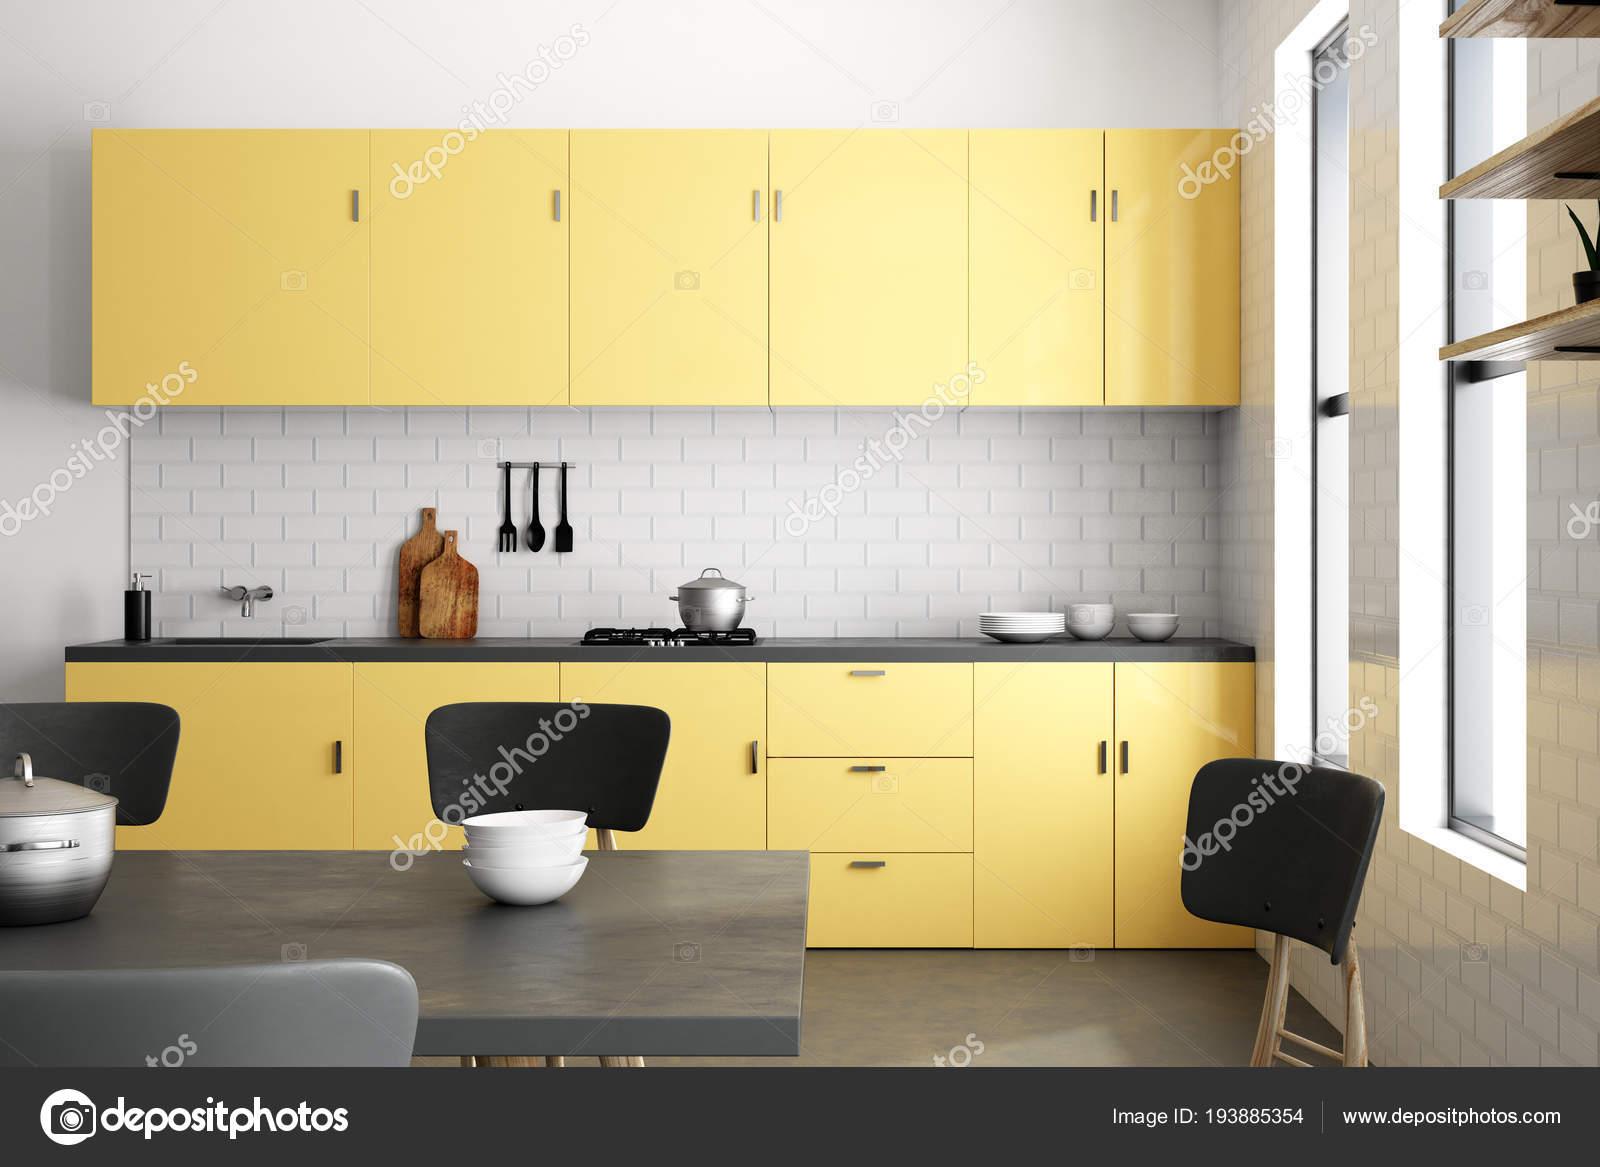 Fantastisch Gelbe Luxus Küche Interieur Mit Möbeln Und Geräten. Stil Und Design Konzept.